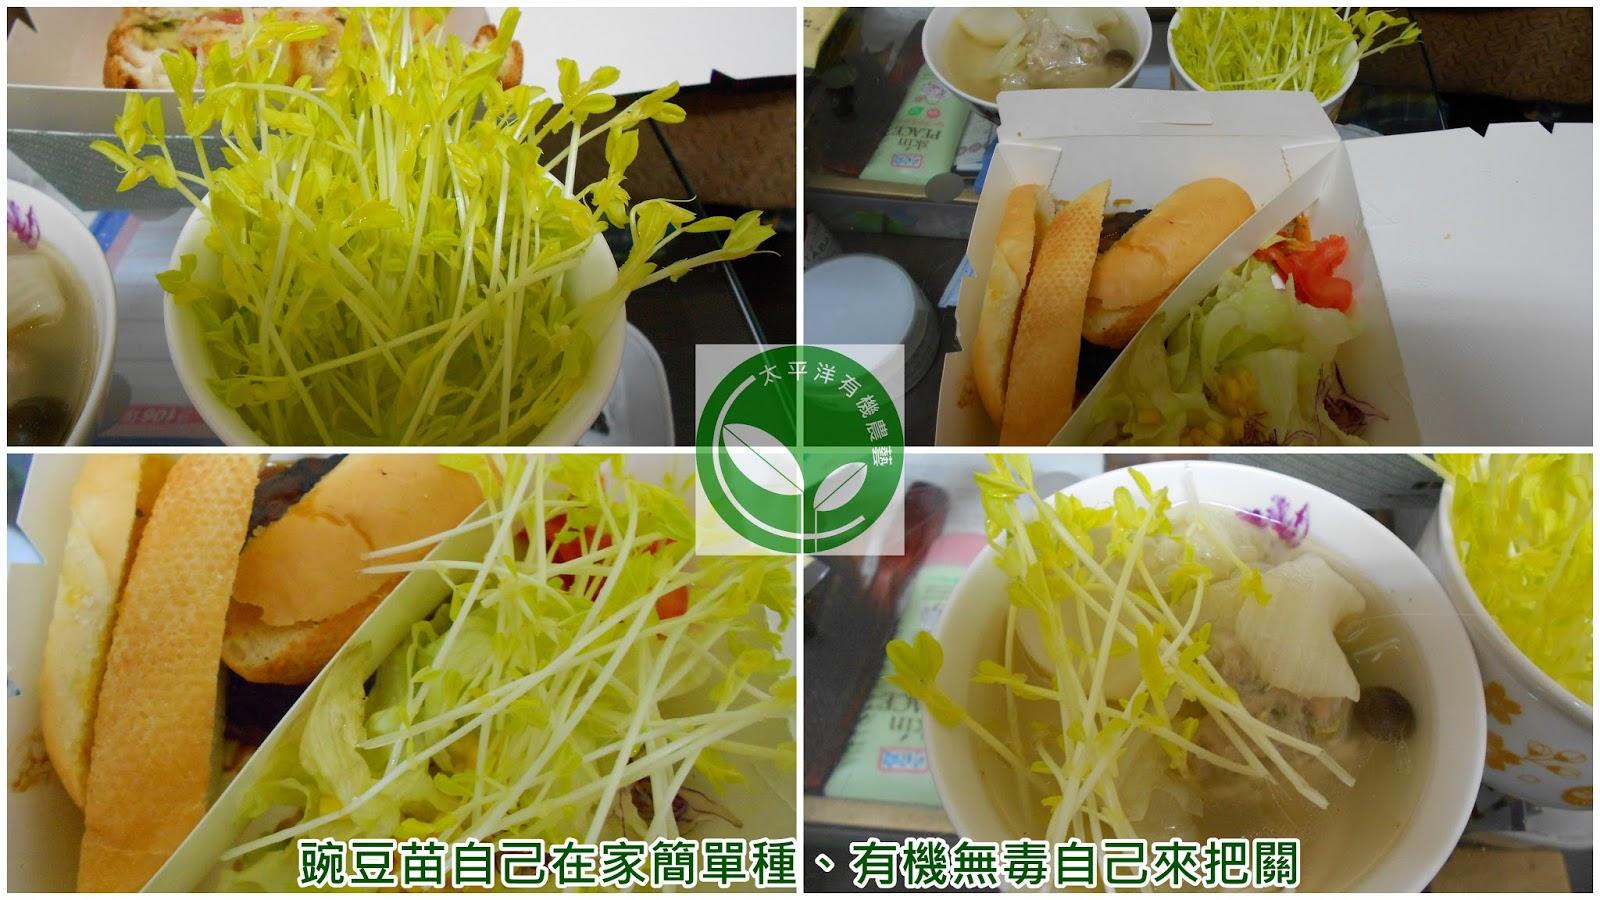 豌豆,荷蘭豆,乾豌豆,豌豆種植,豌豆苗,種豌豆苗,豌豆苗栽培,豆苗,豌豆苗種植,如何種豌豆苗